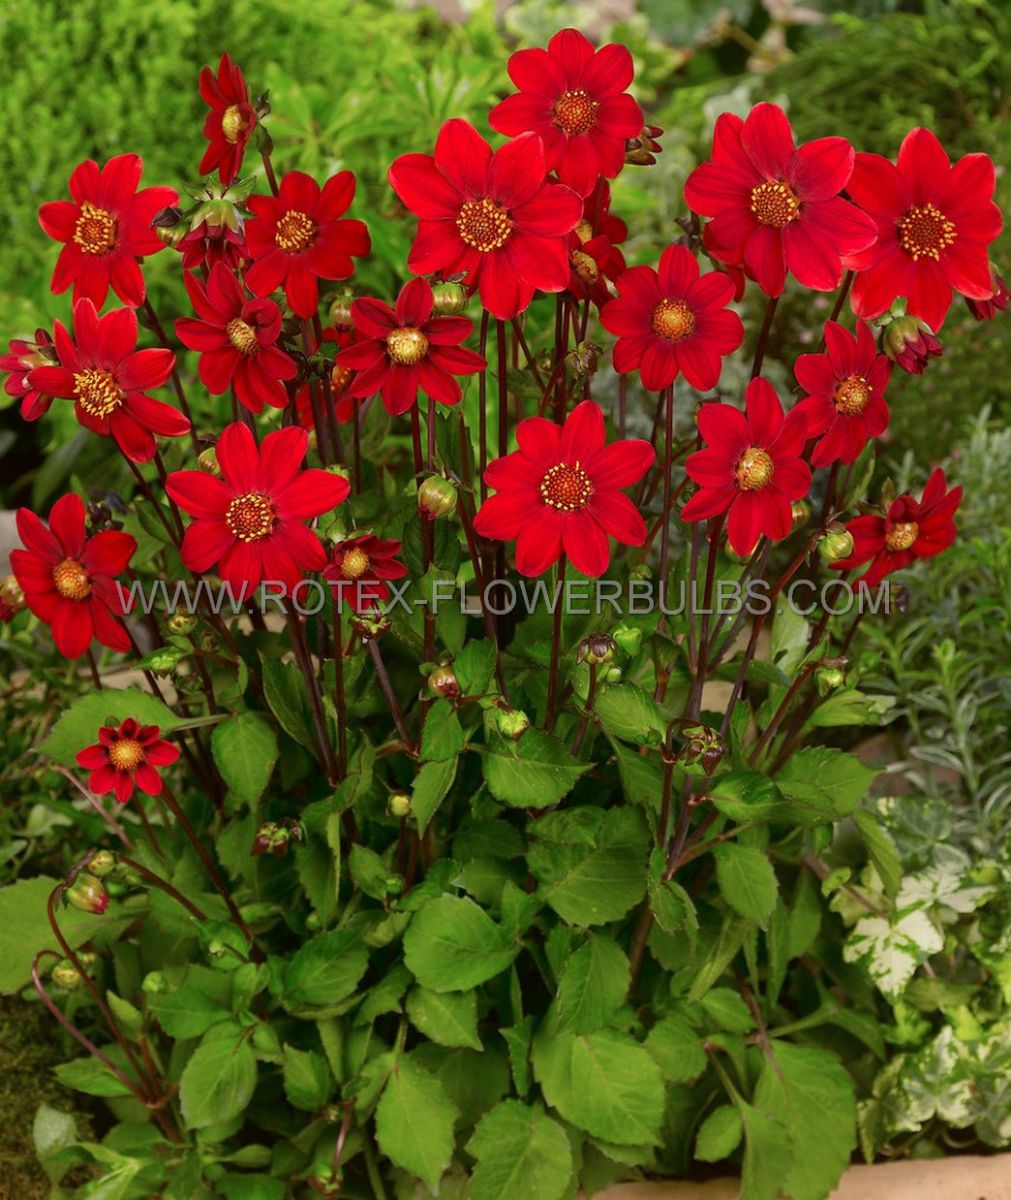 dahlia topmix borderpots red i 10 pkgsx 1